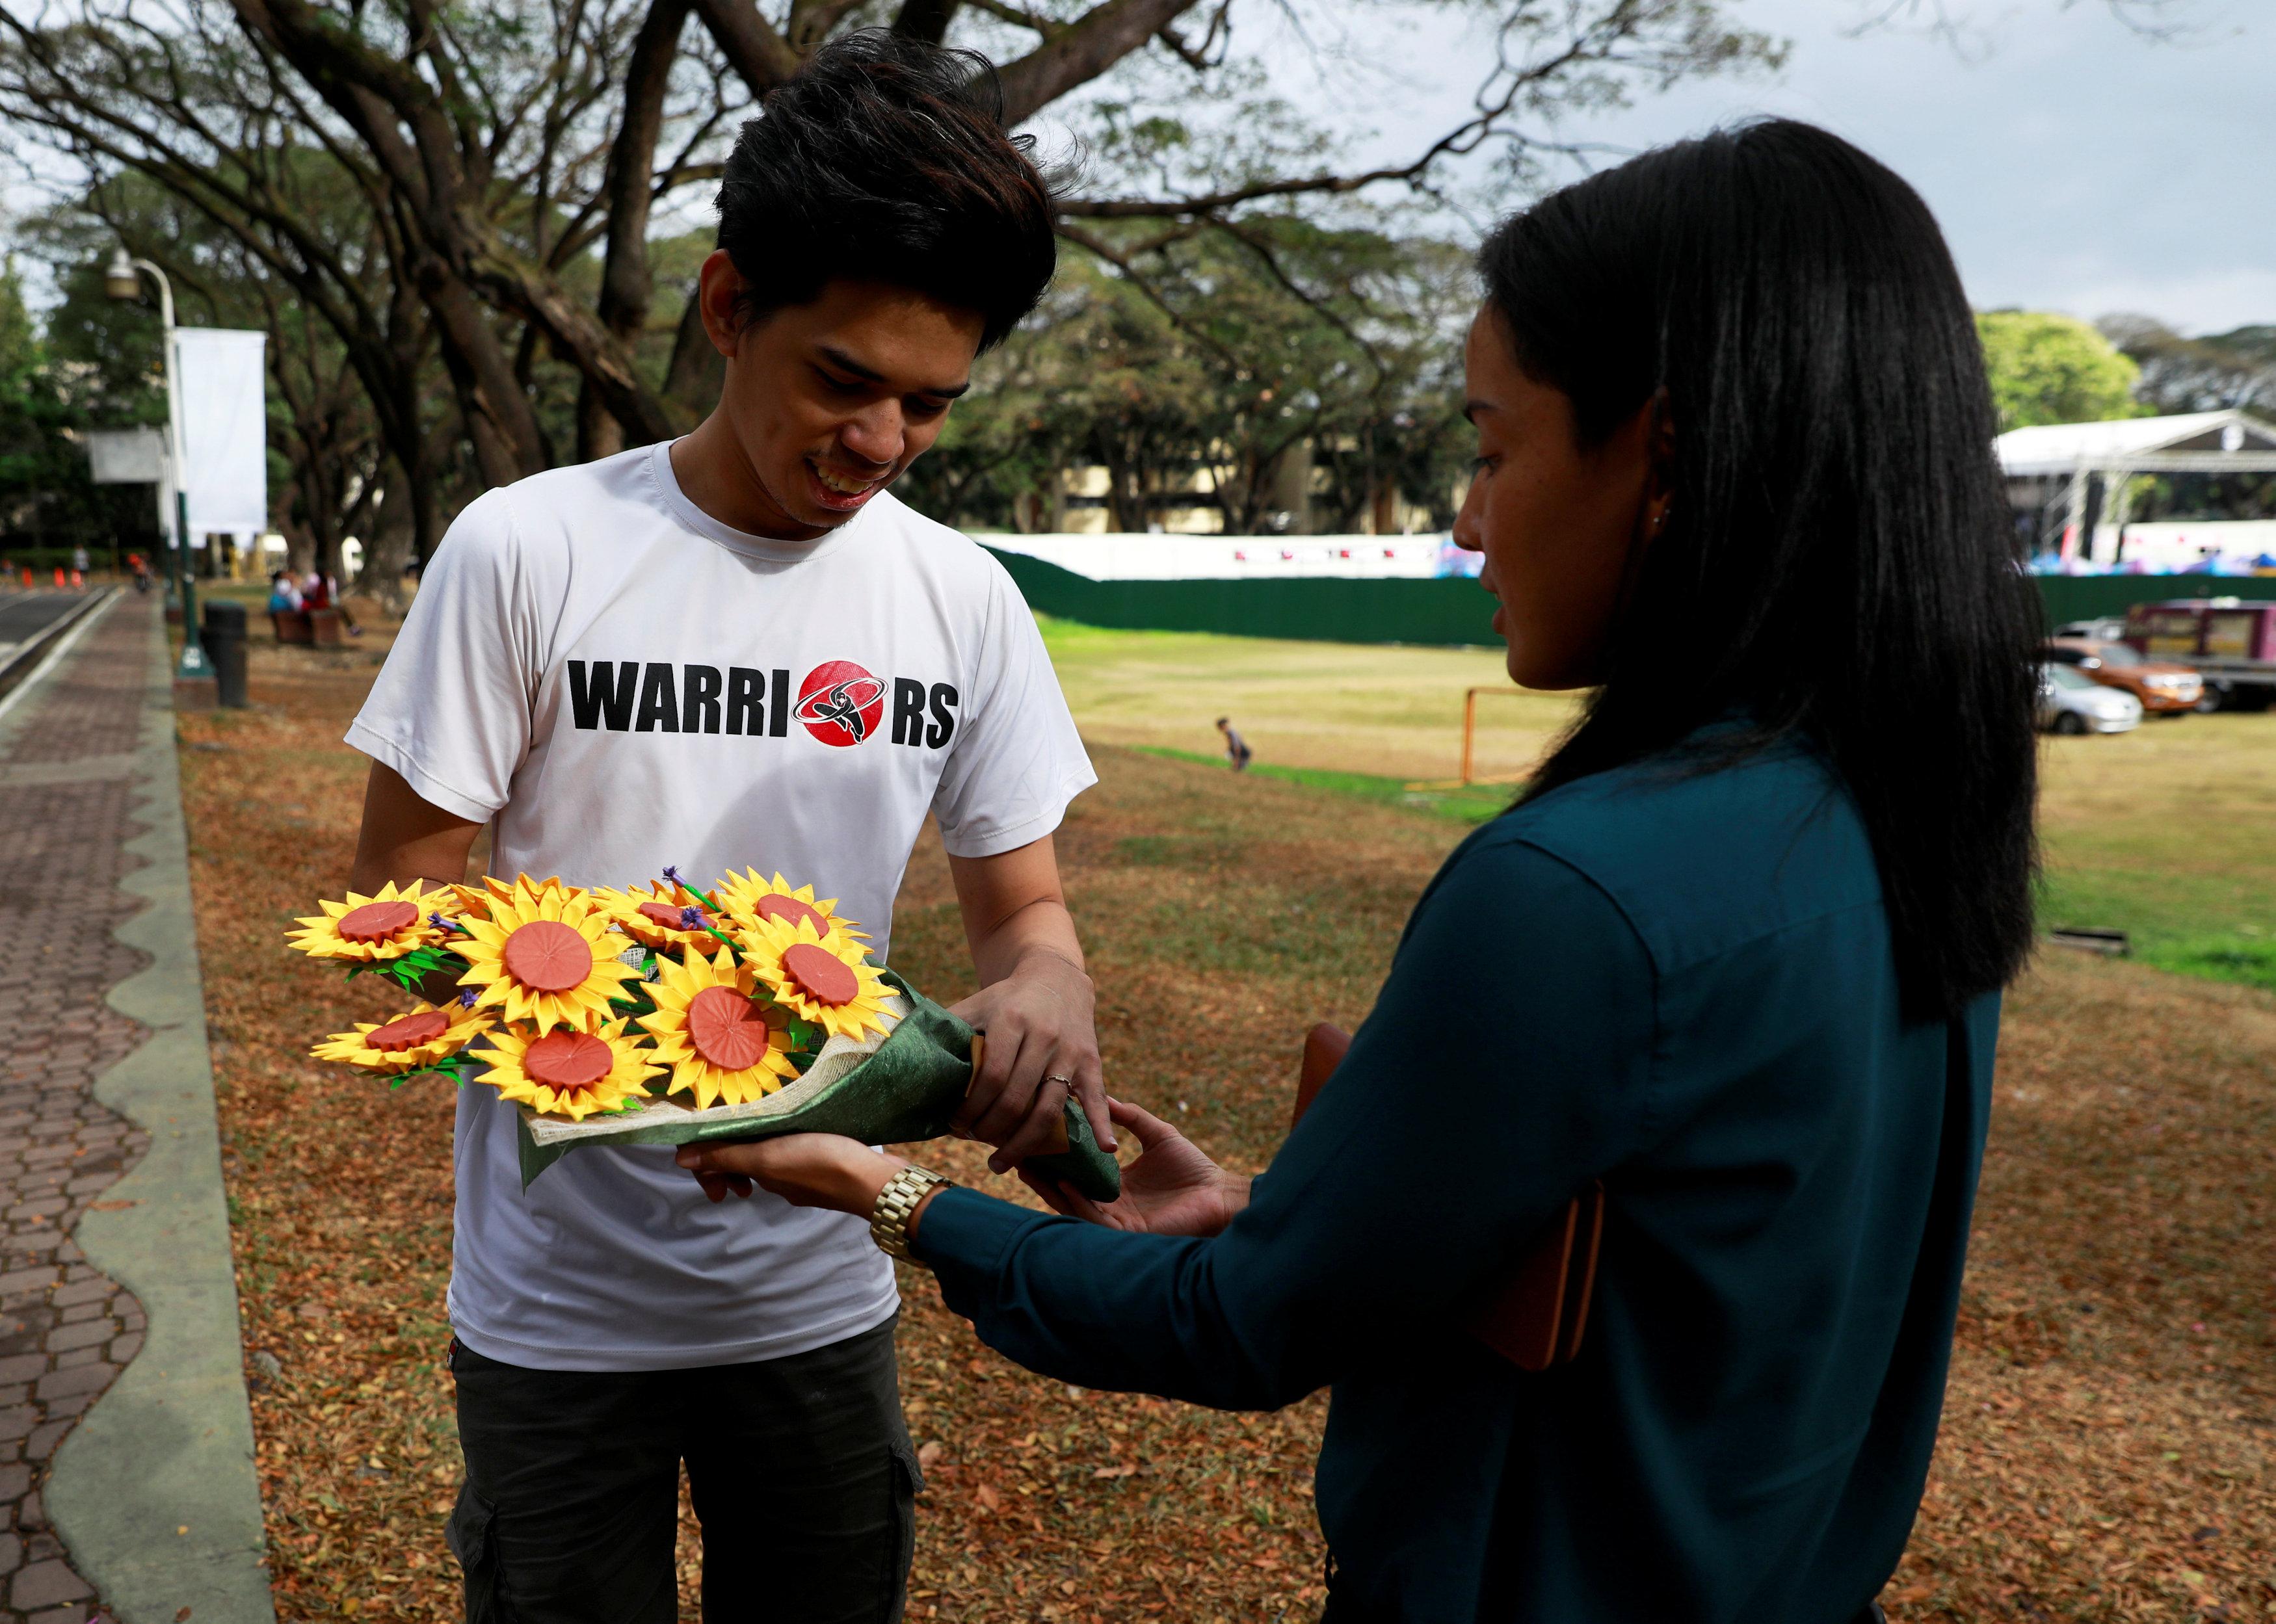 فلبينيون يعبرون عن حبهم الأبدى بباقات زهور ورقية (4)